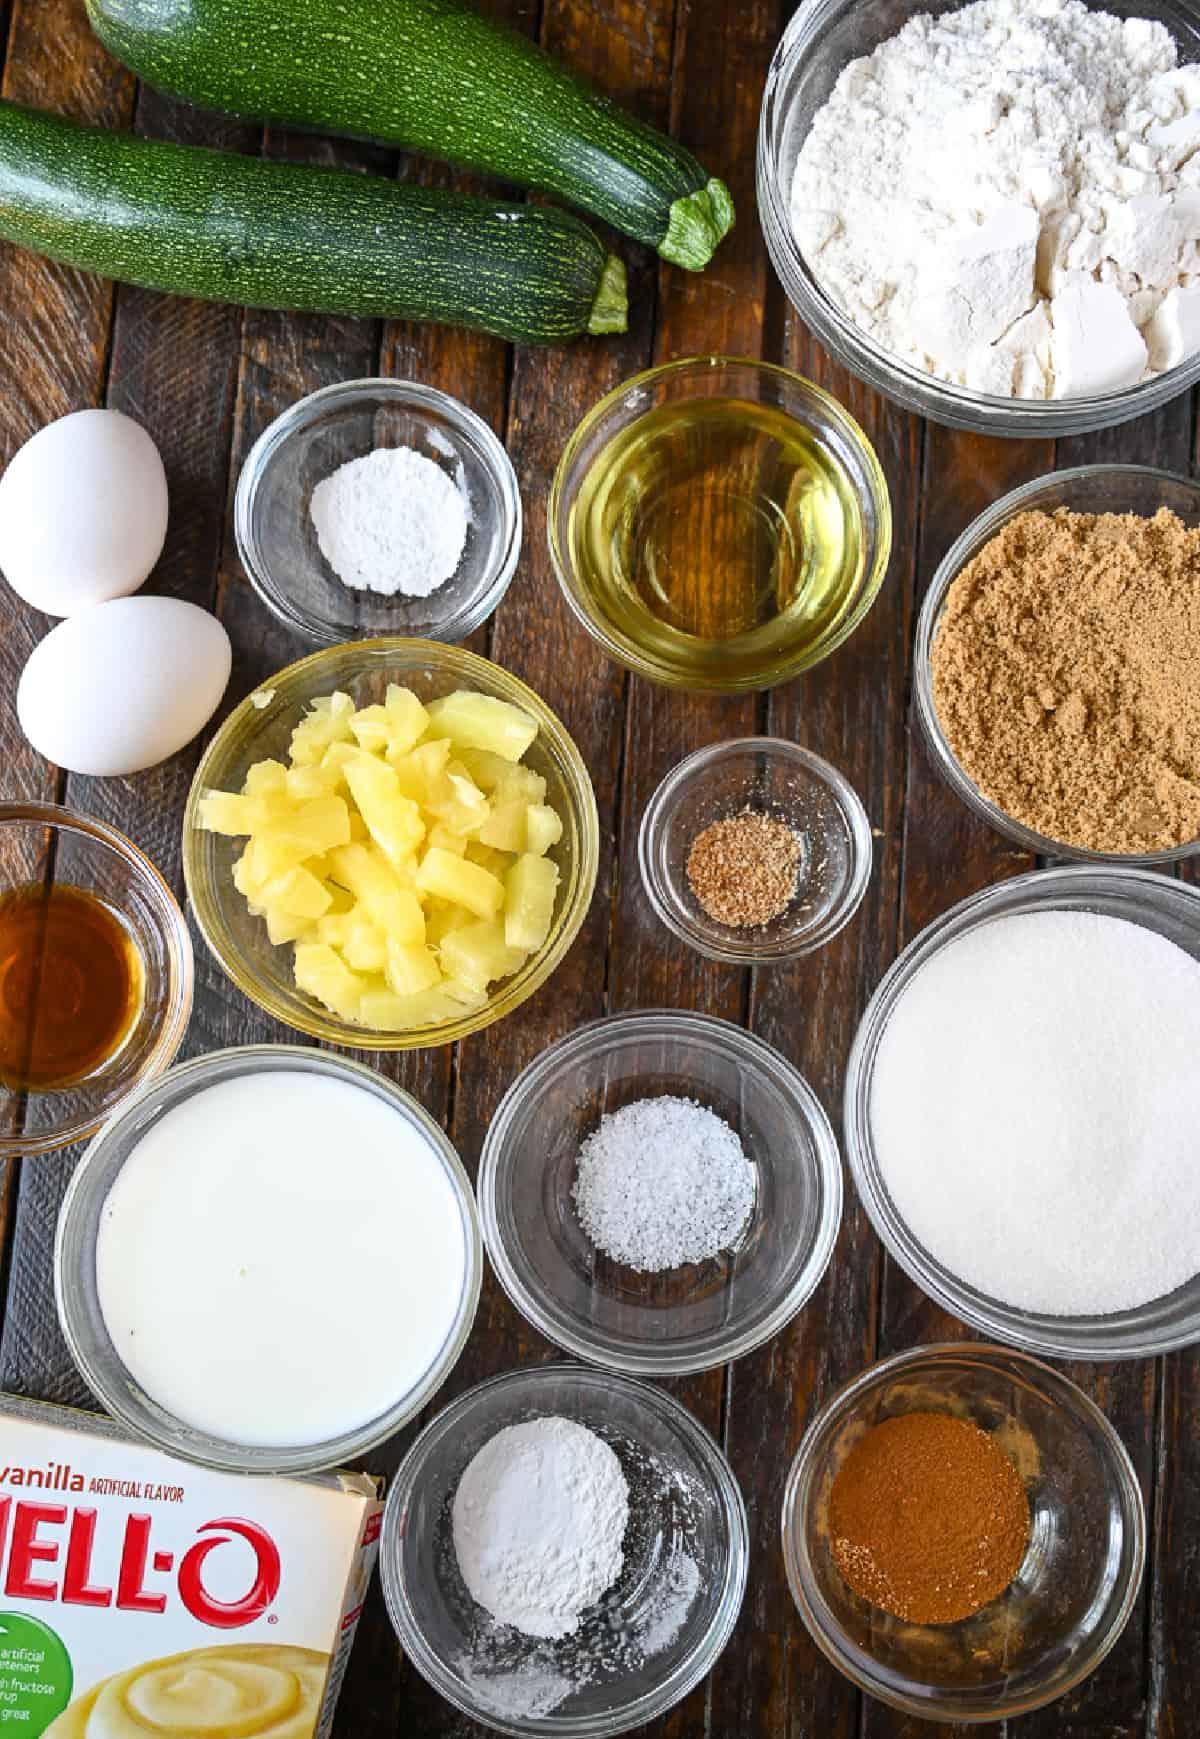 Una foto de todos los ingredientes necesarios para hacer esta receta.